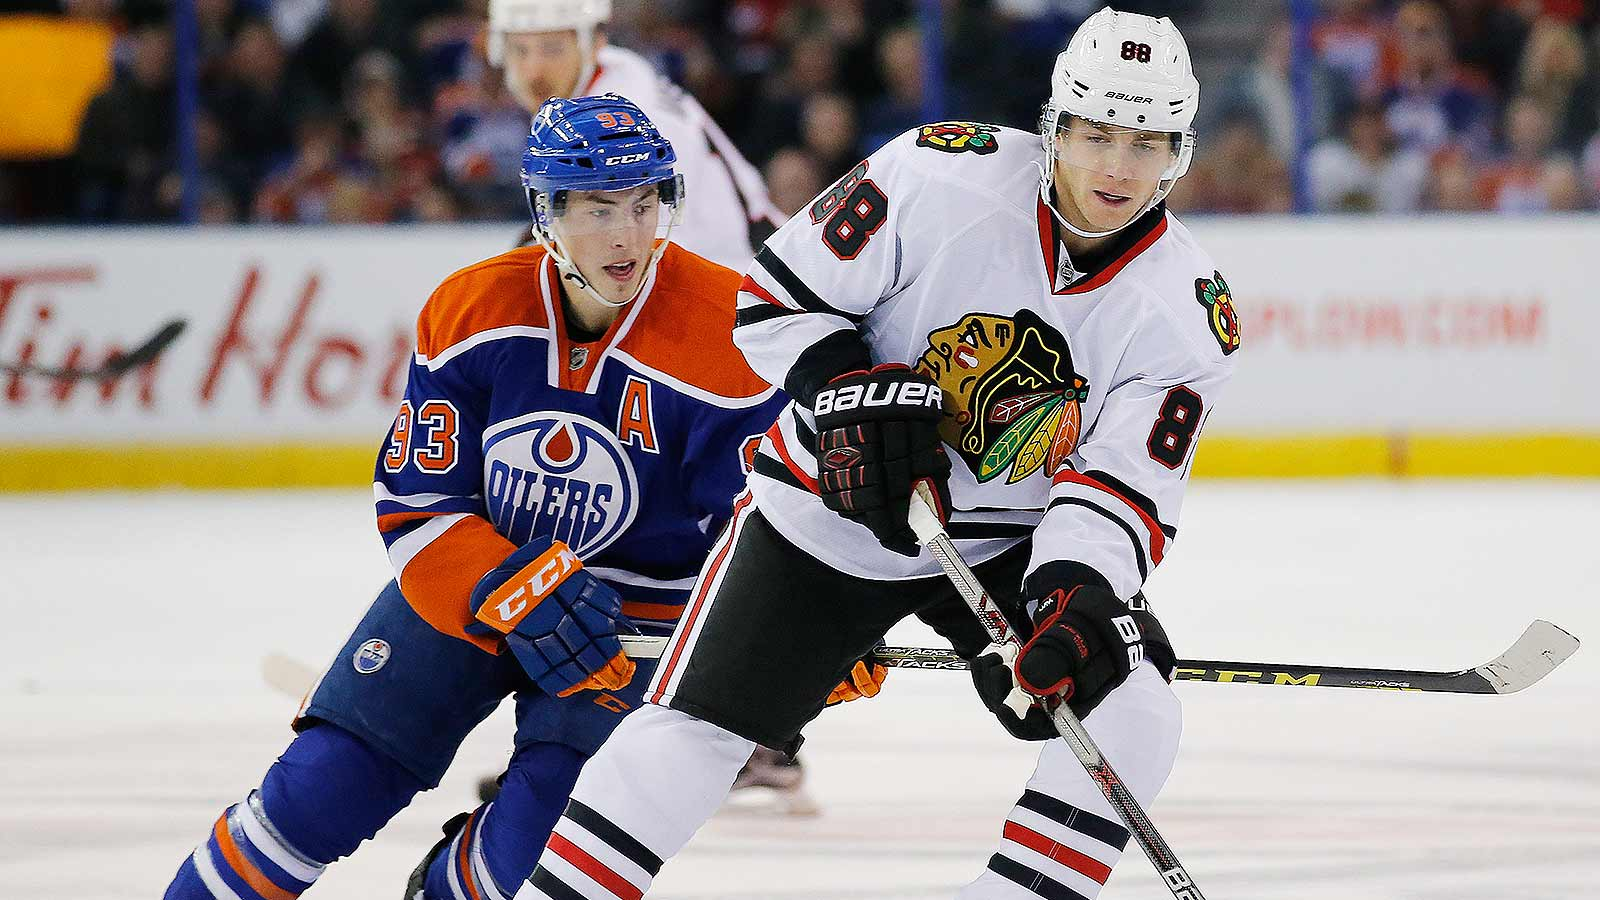 Kane extends point streak, Blackhawks outlast Oilers in OT